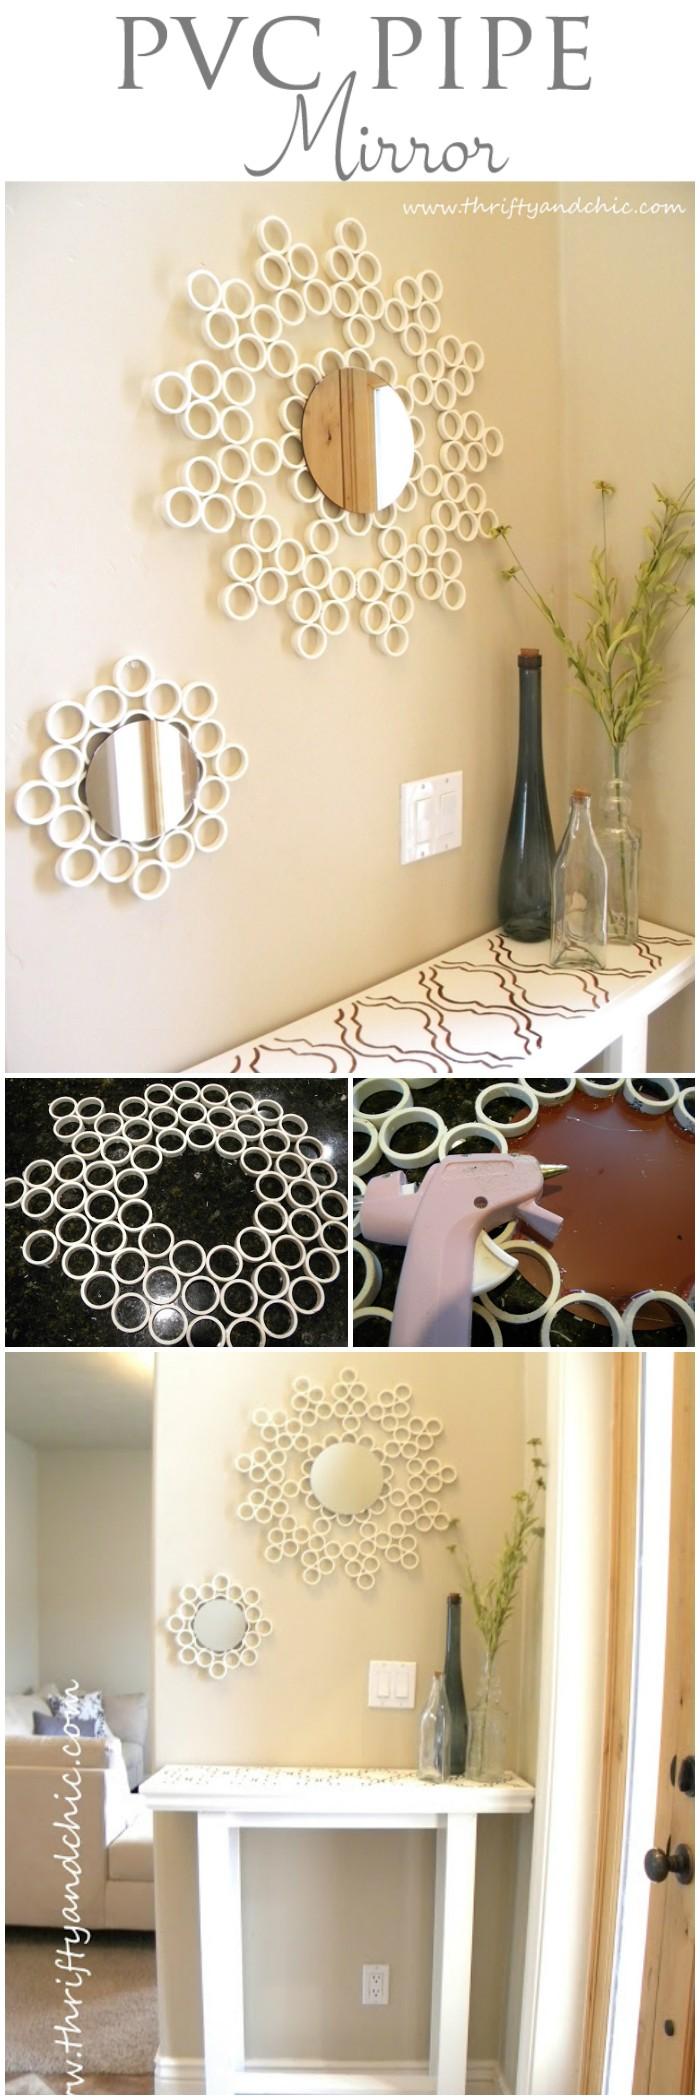 25 interesting DIY bathroom ideas on your budget • DIY ...